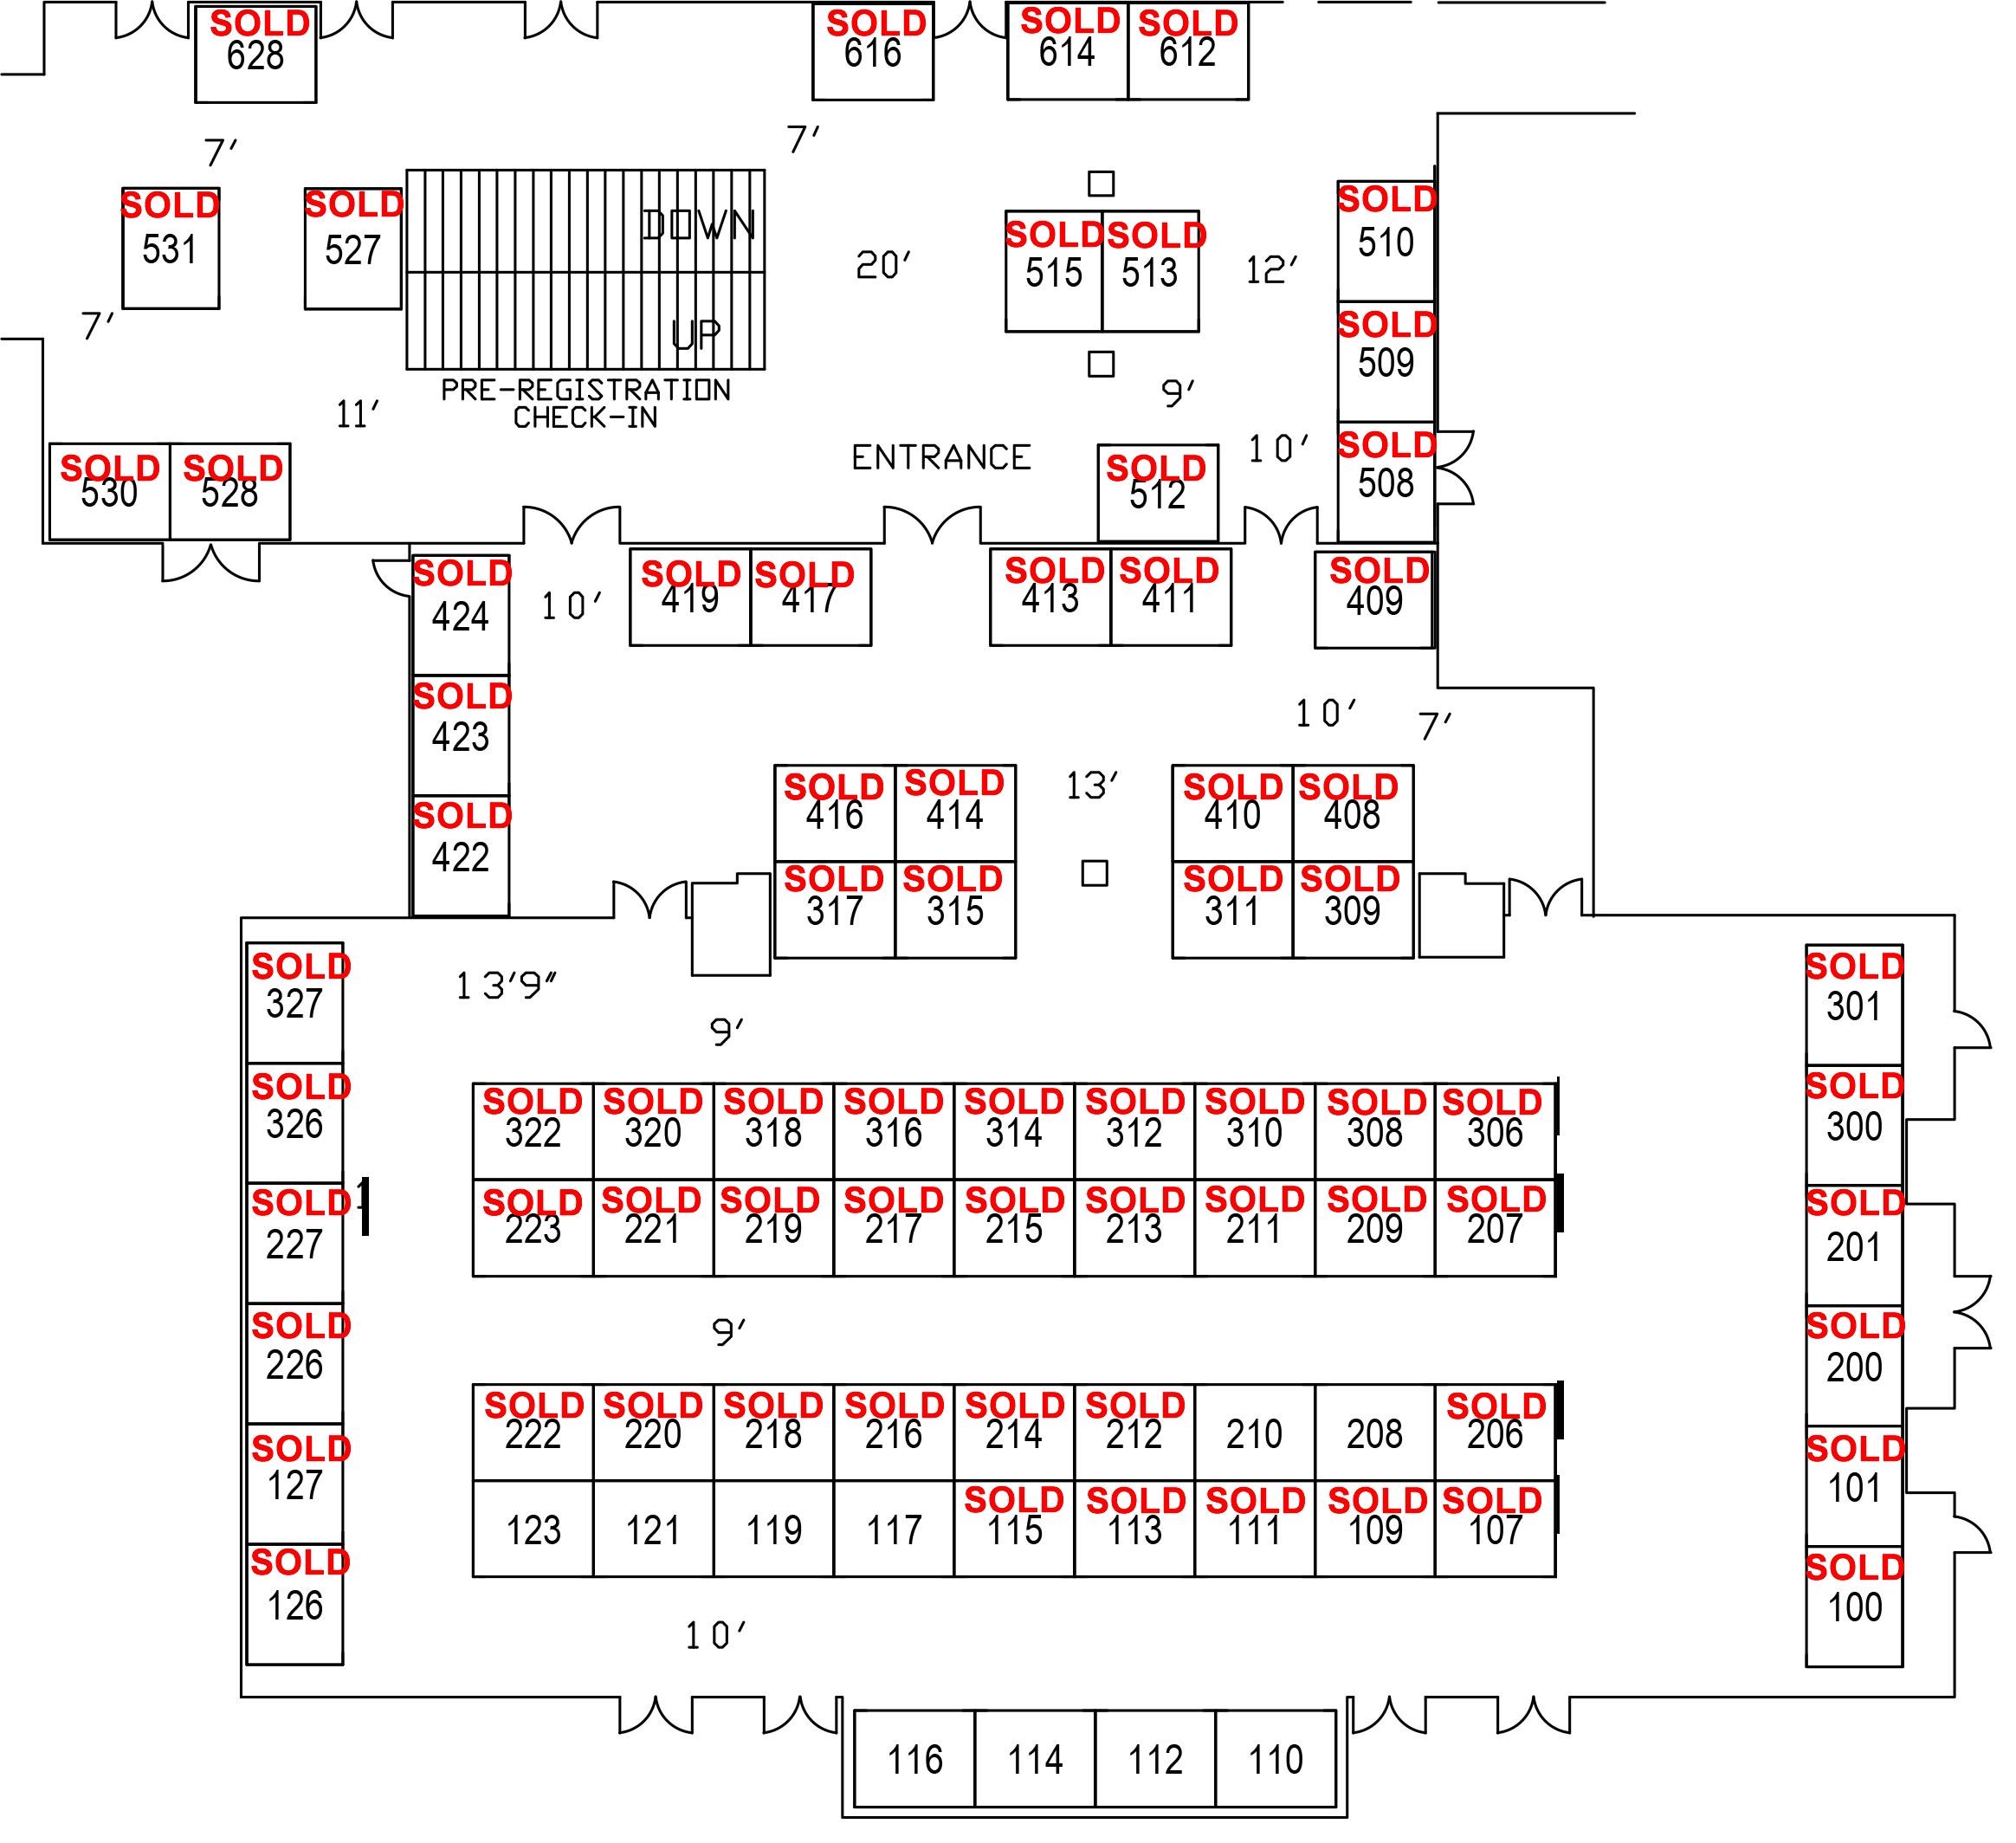 Floorplan at Harveys Sold 102715-2